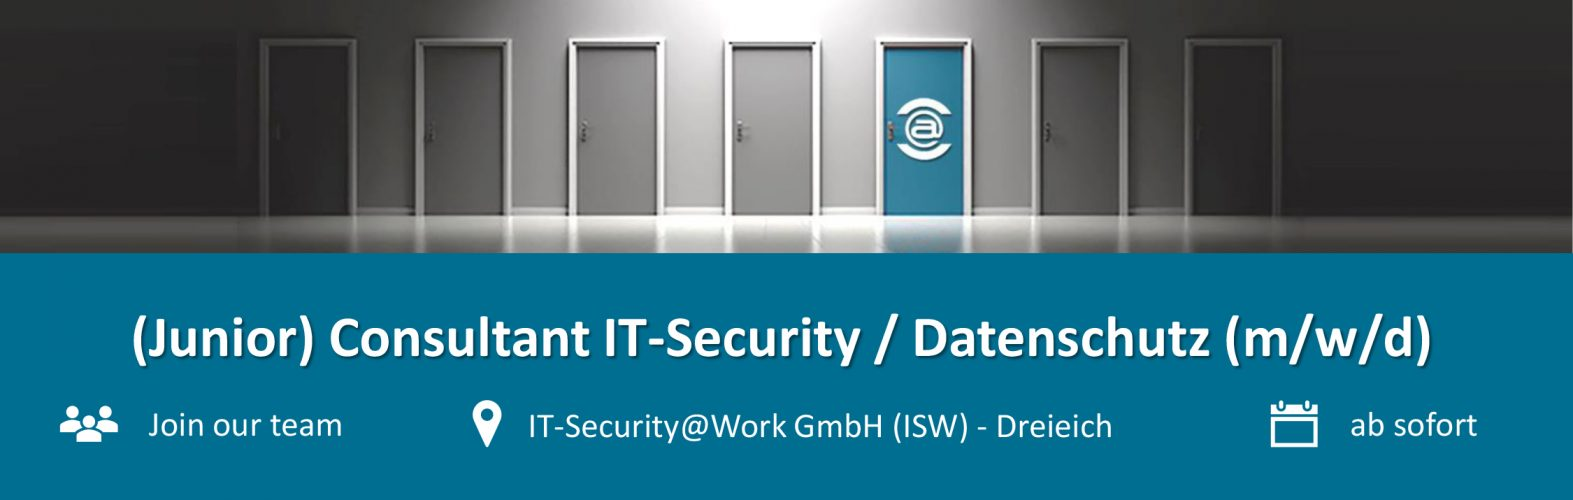 Stellenanzeige (Junior) Consultant IT-Security / Datenschutz (m/w/d)